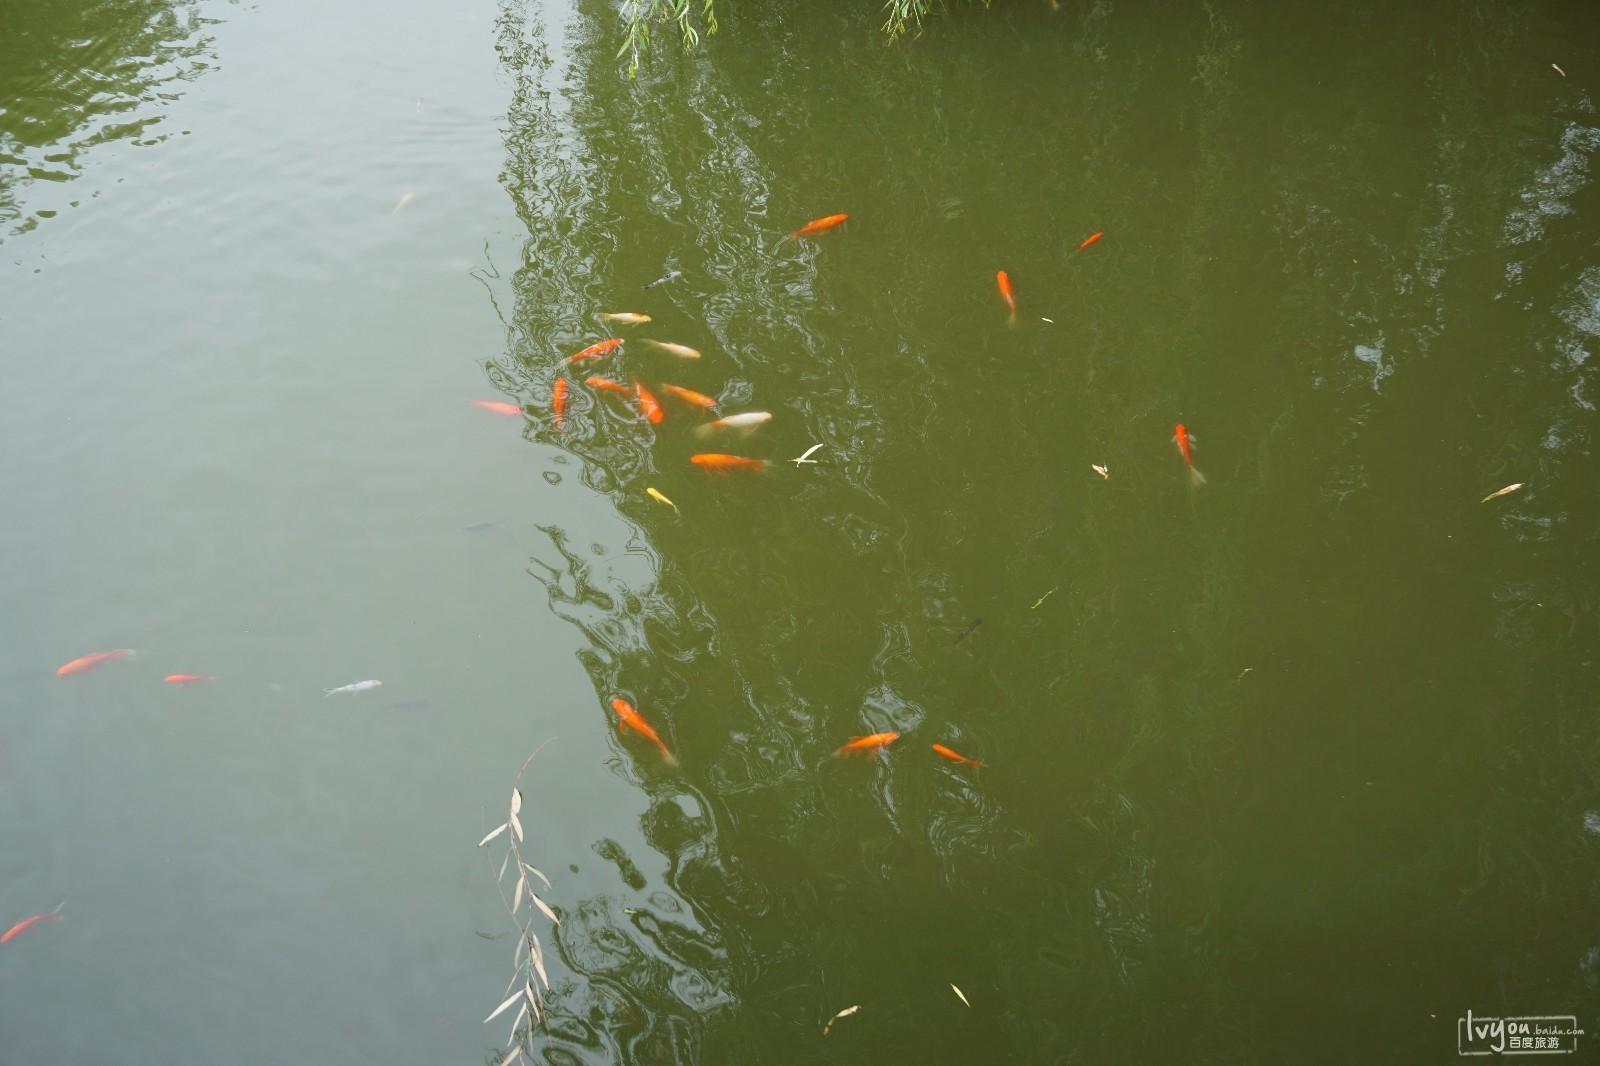 京娘湖<a href=http://www.huaxiacaixun.com/Trave/ target=_blank class=infotextkey>旅游</a>攻略图片7